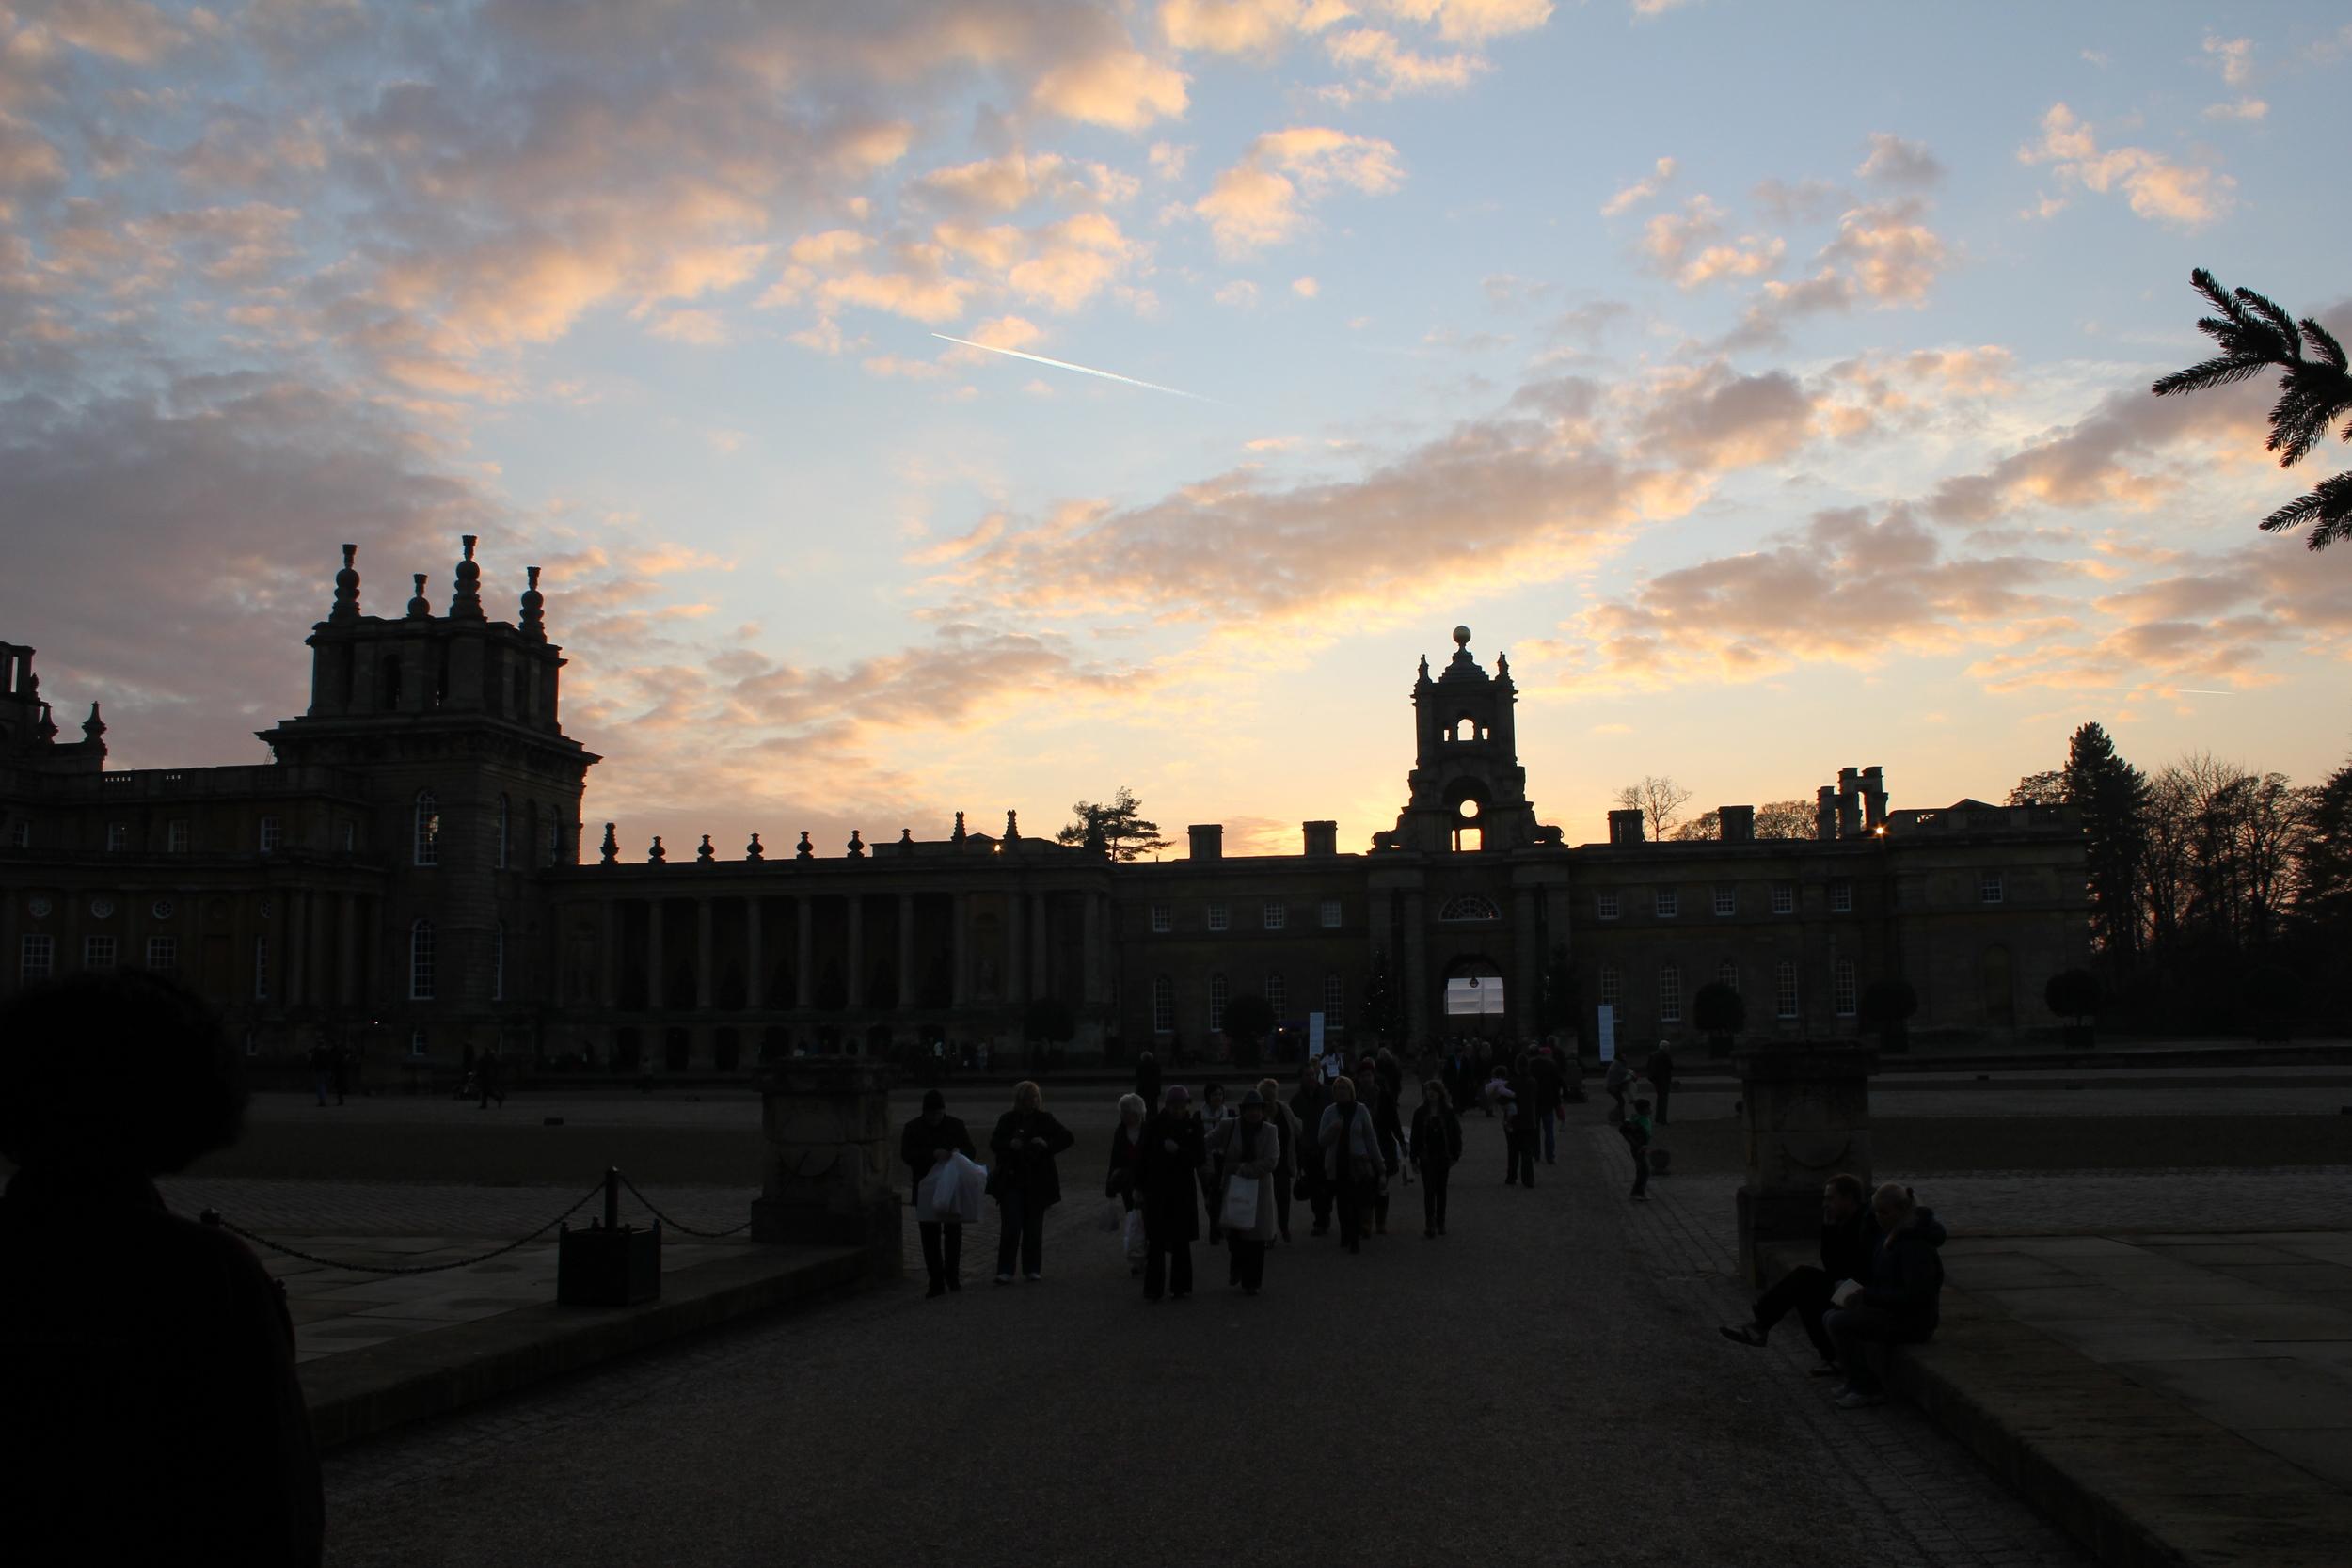 Blenheim Palace at dusk, Oxfordshire, England